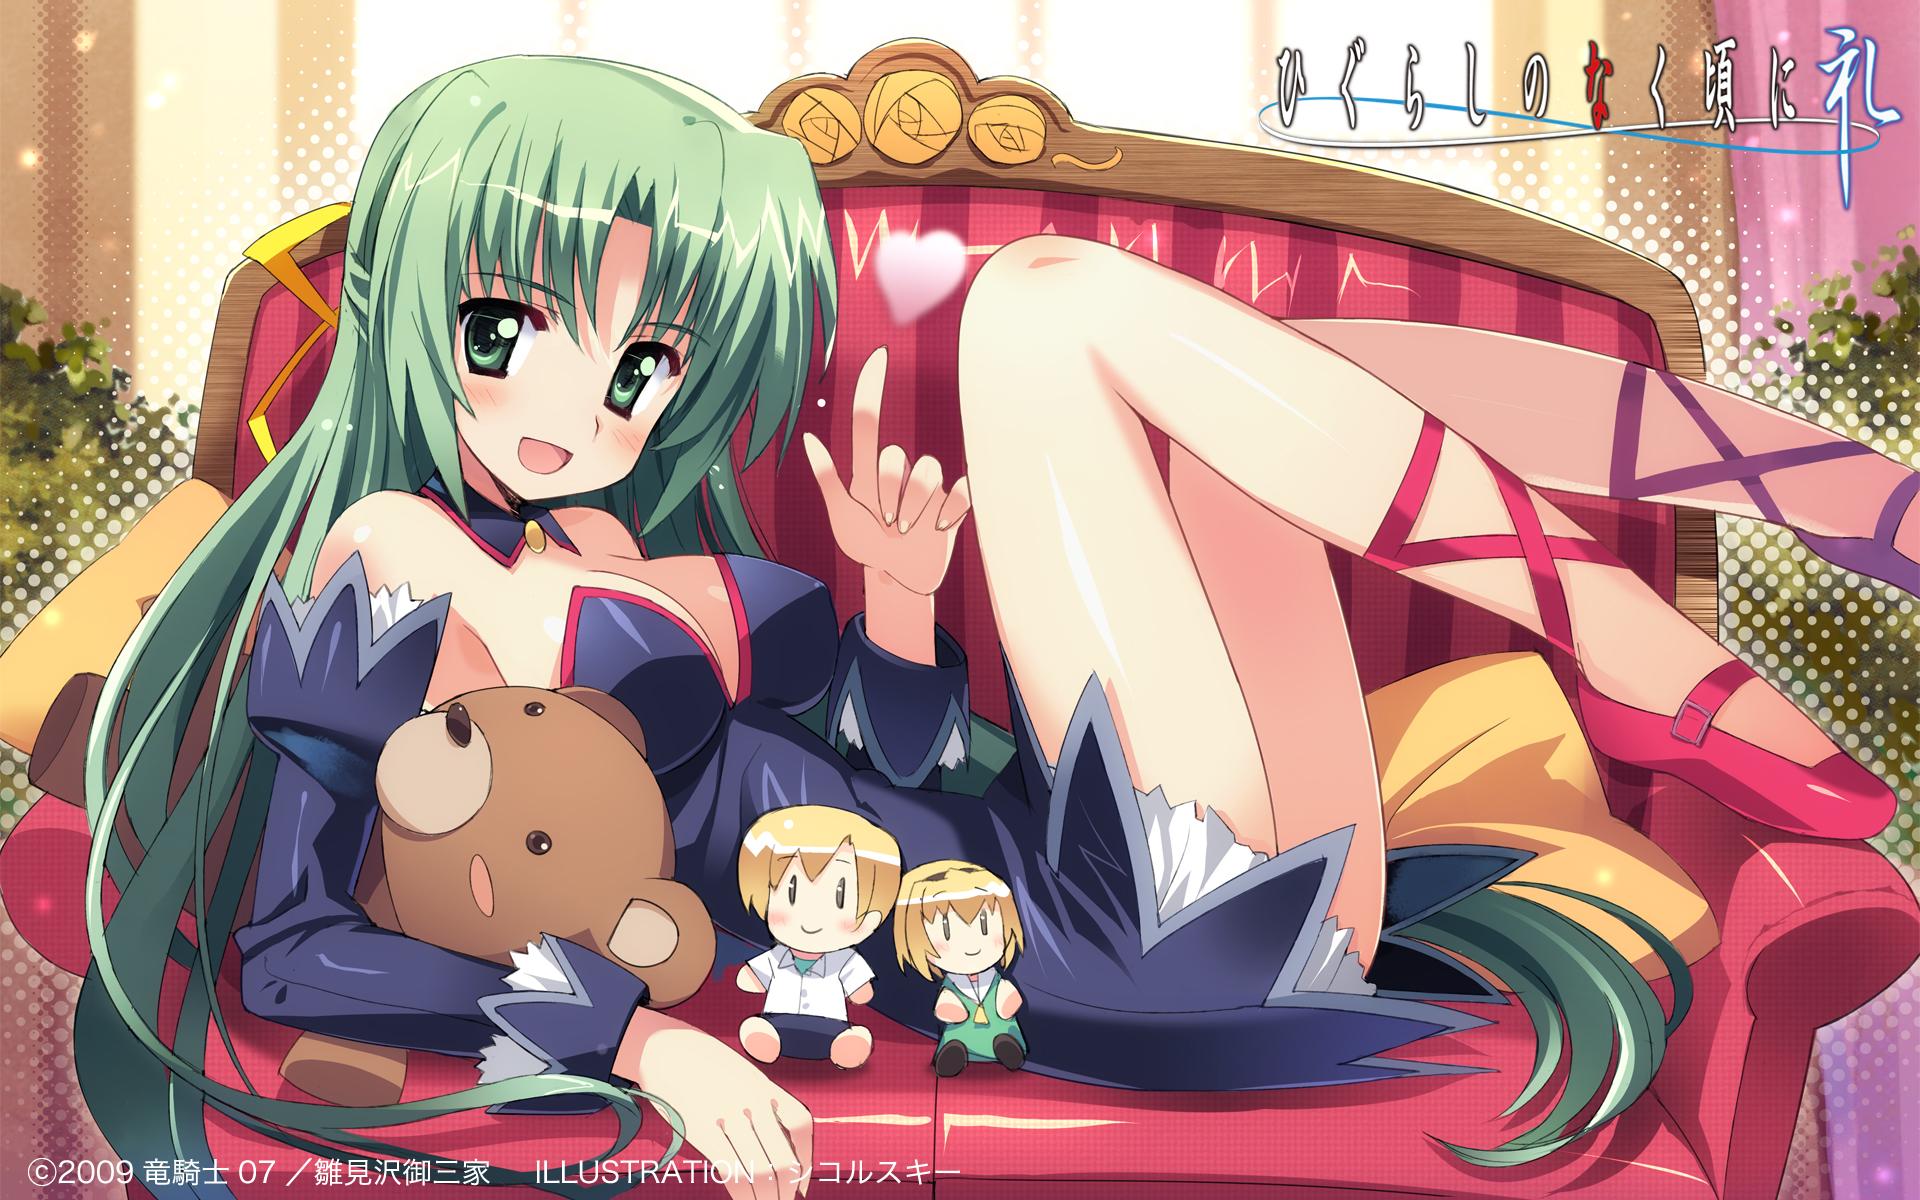 green_hair higurashi_no_naku_koro_ni sikorsky sonozaki_shion